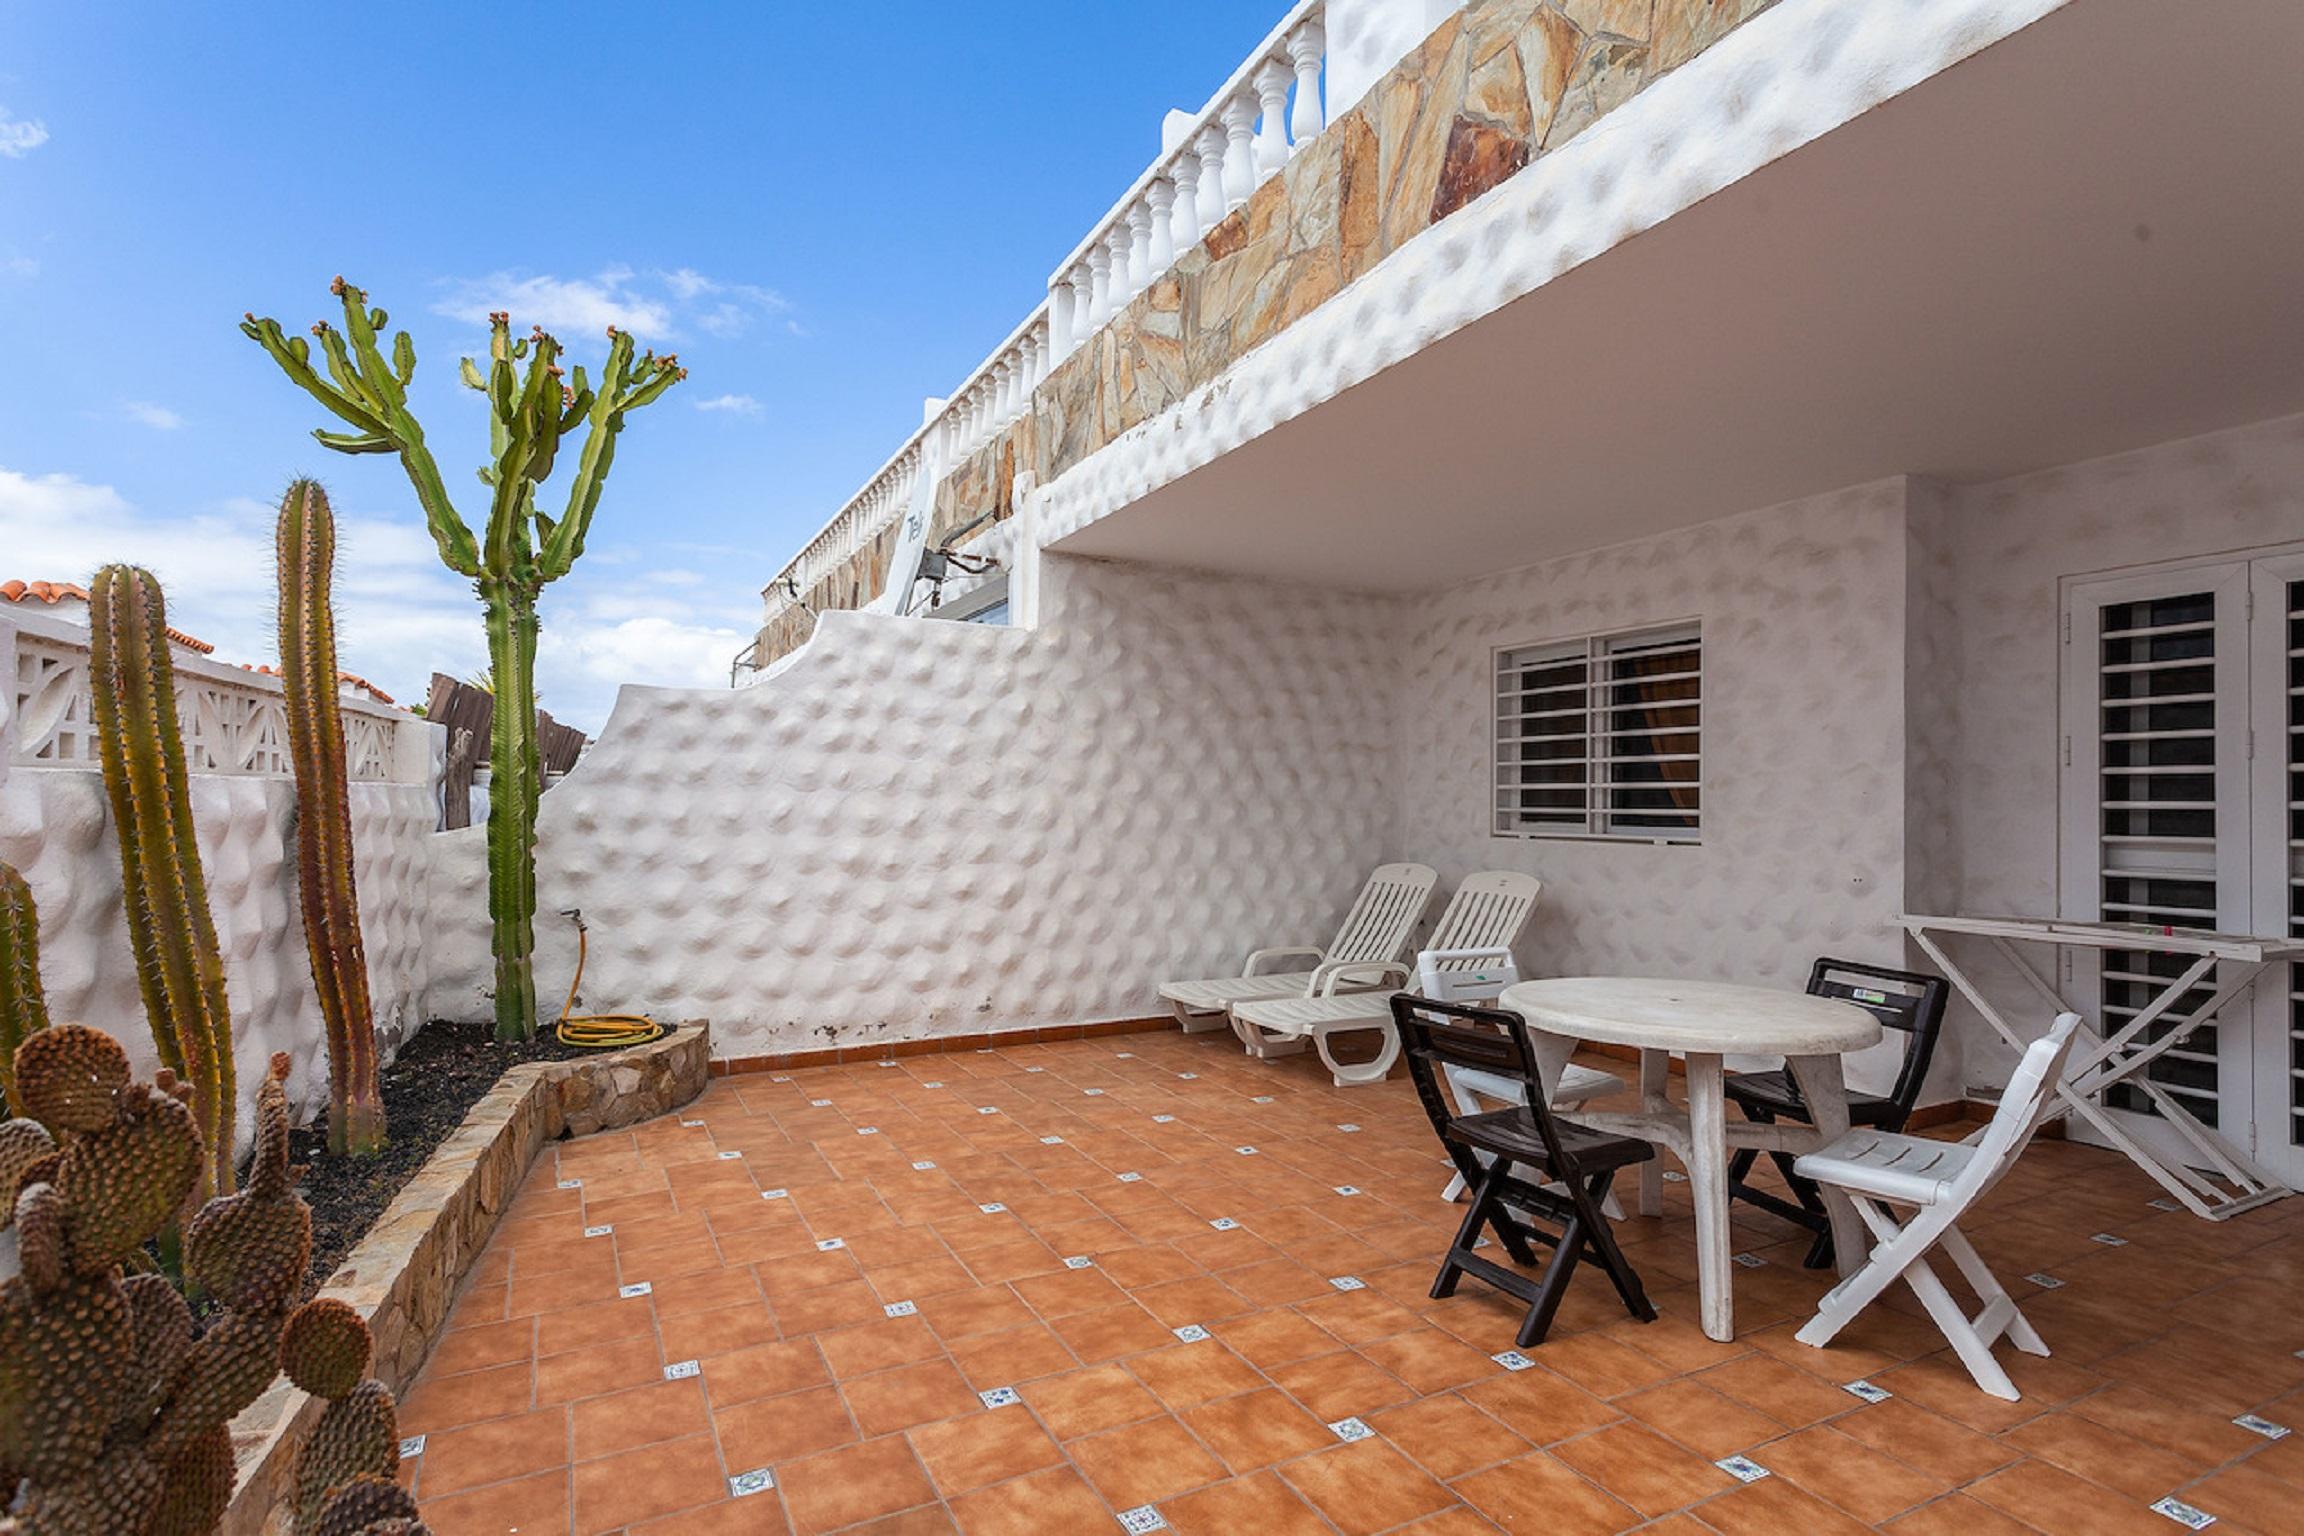 Ferienwohnung Apartment in Strandnhe mit groer Terrasse, Wlan und Parkplatz (2628896), Costa Calma, Fuerteventura, Kanarische Inseln, Spanien, Bild 8